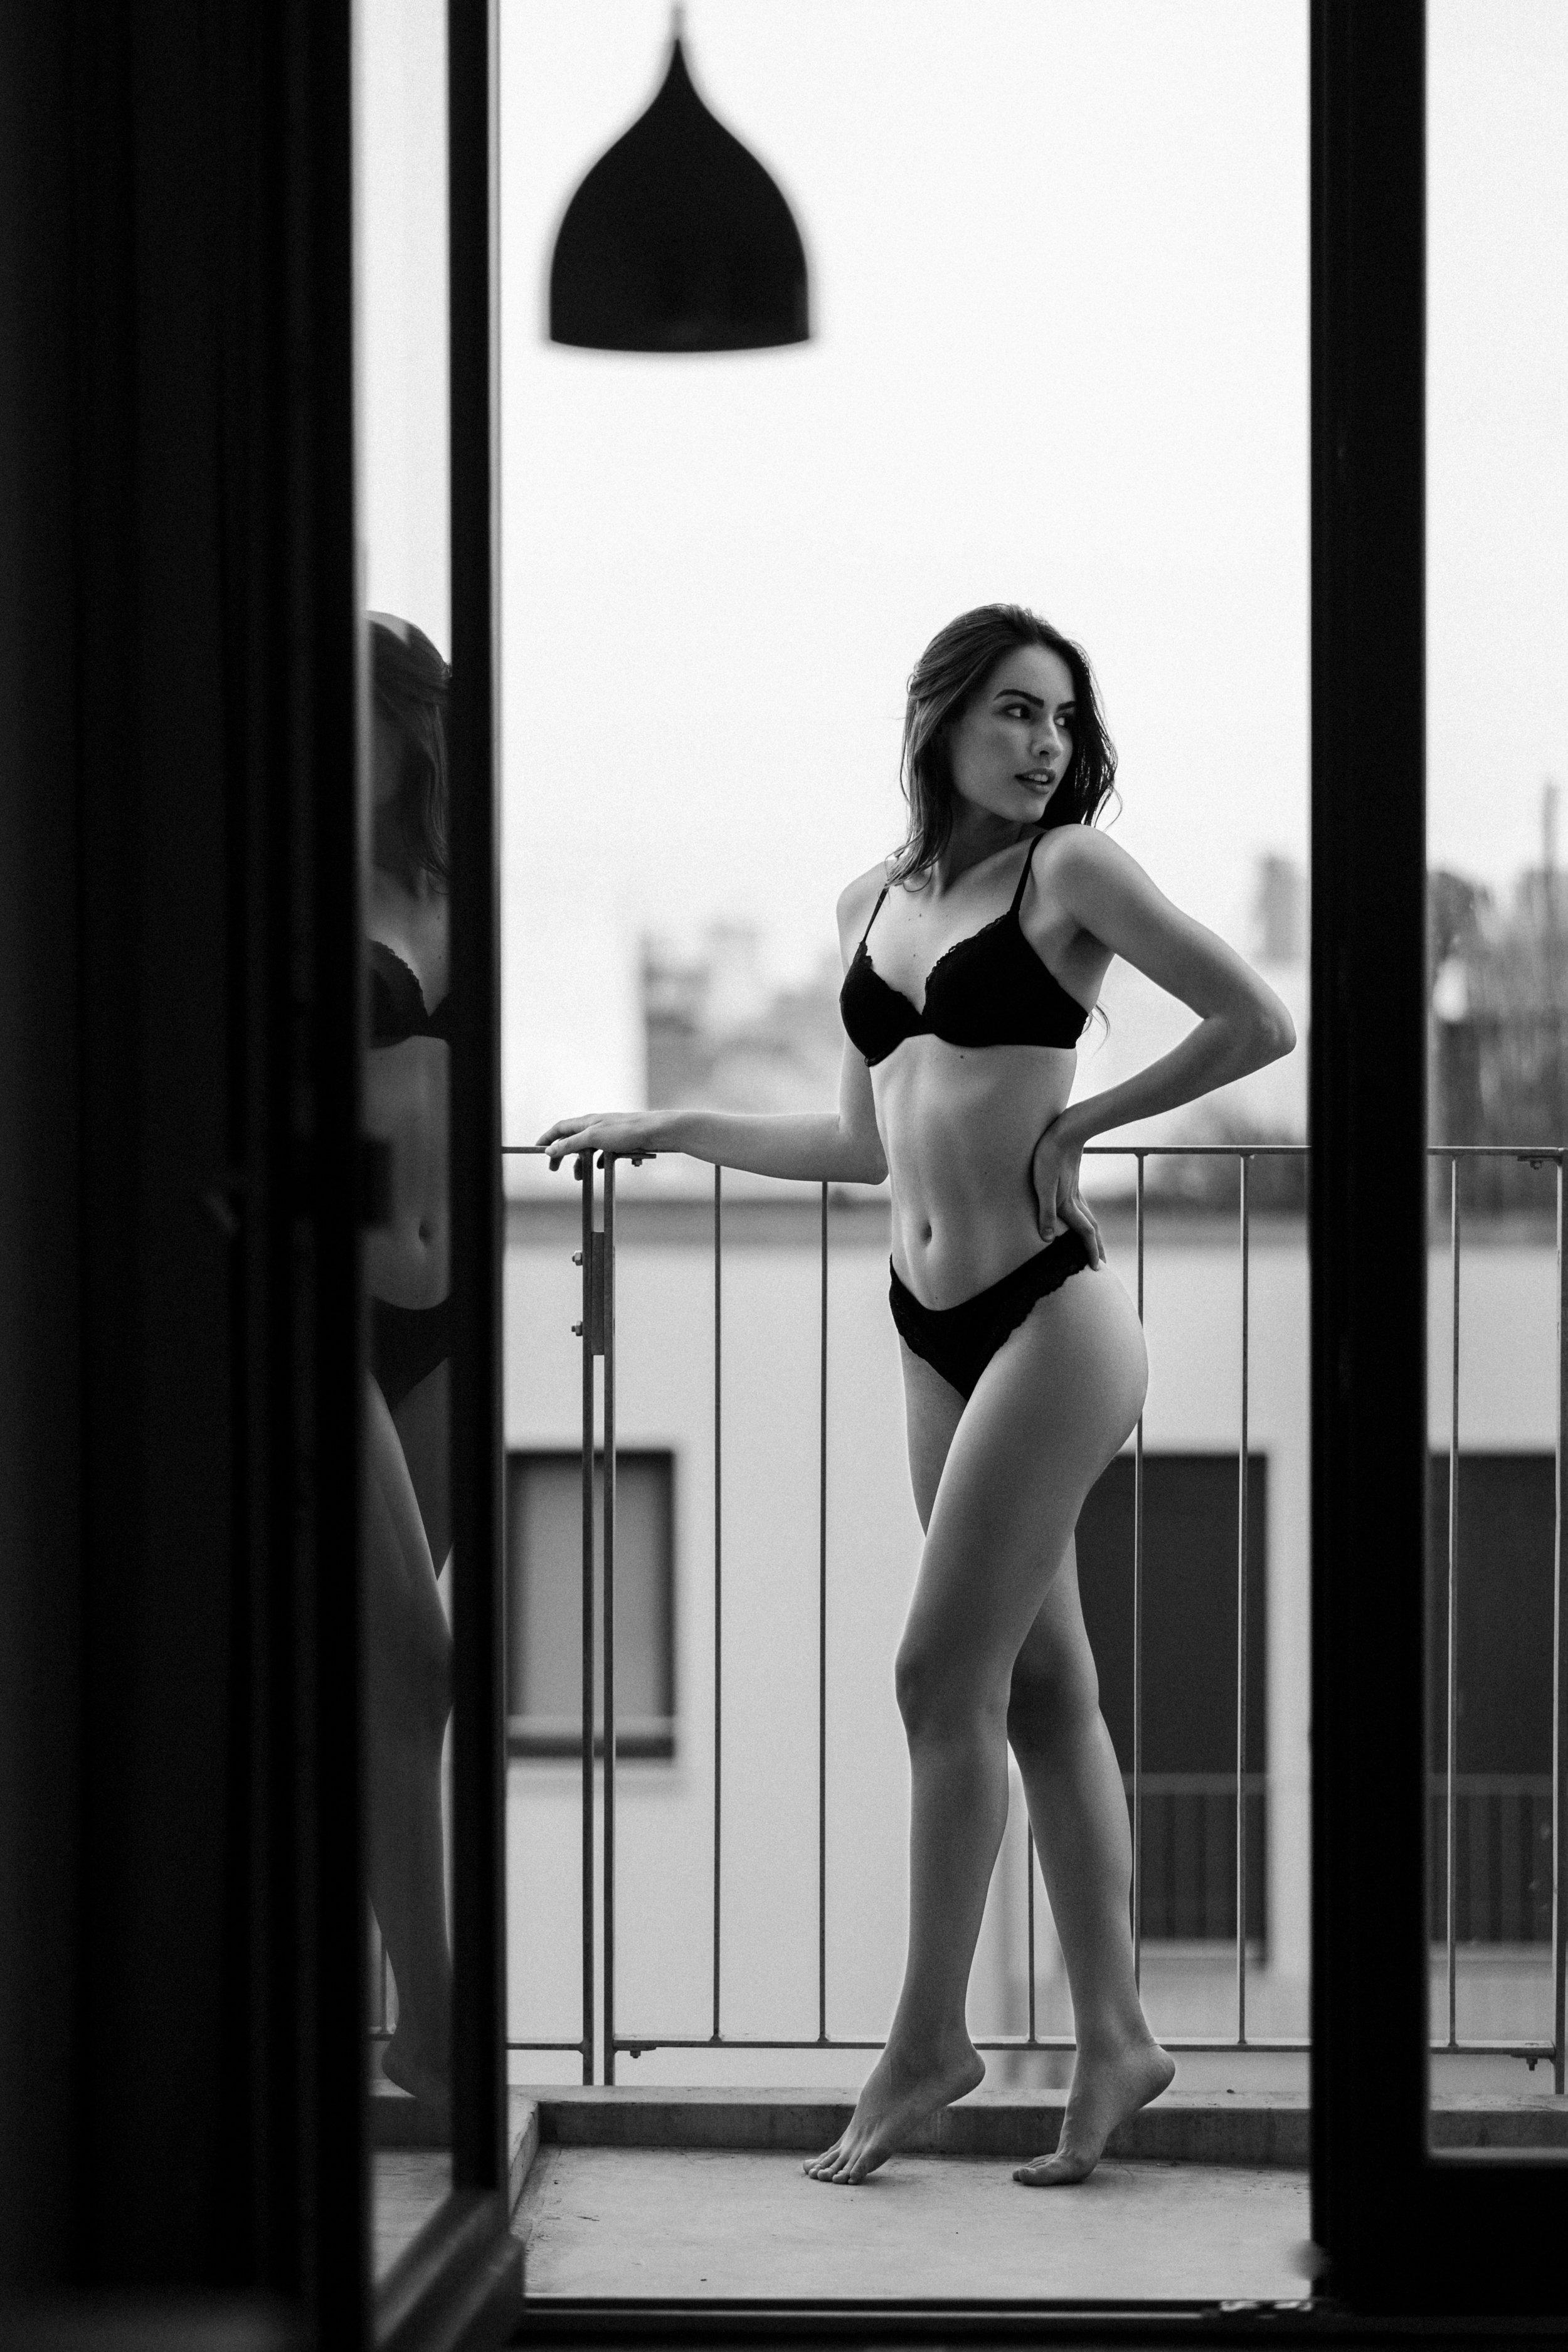 Model: Pricilla Klein @pricillaklein  MUA: Laura Stielow